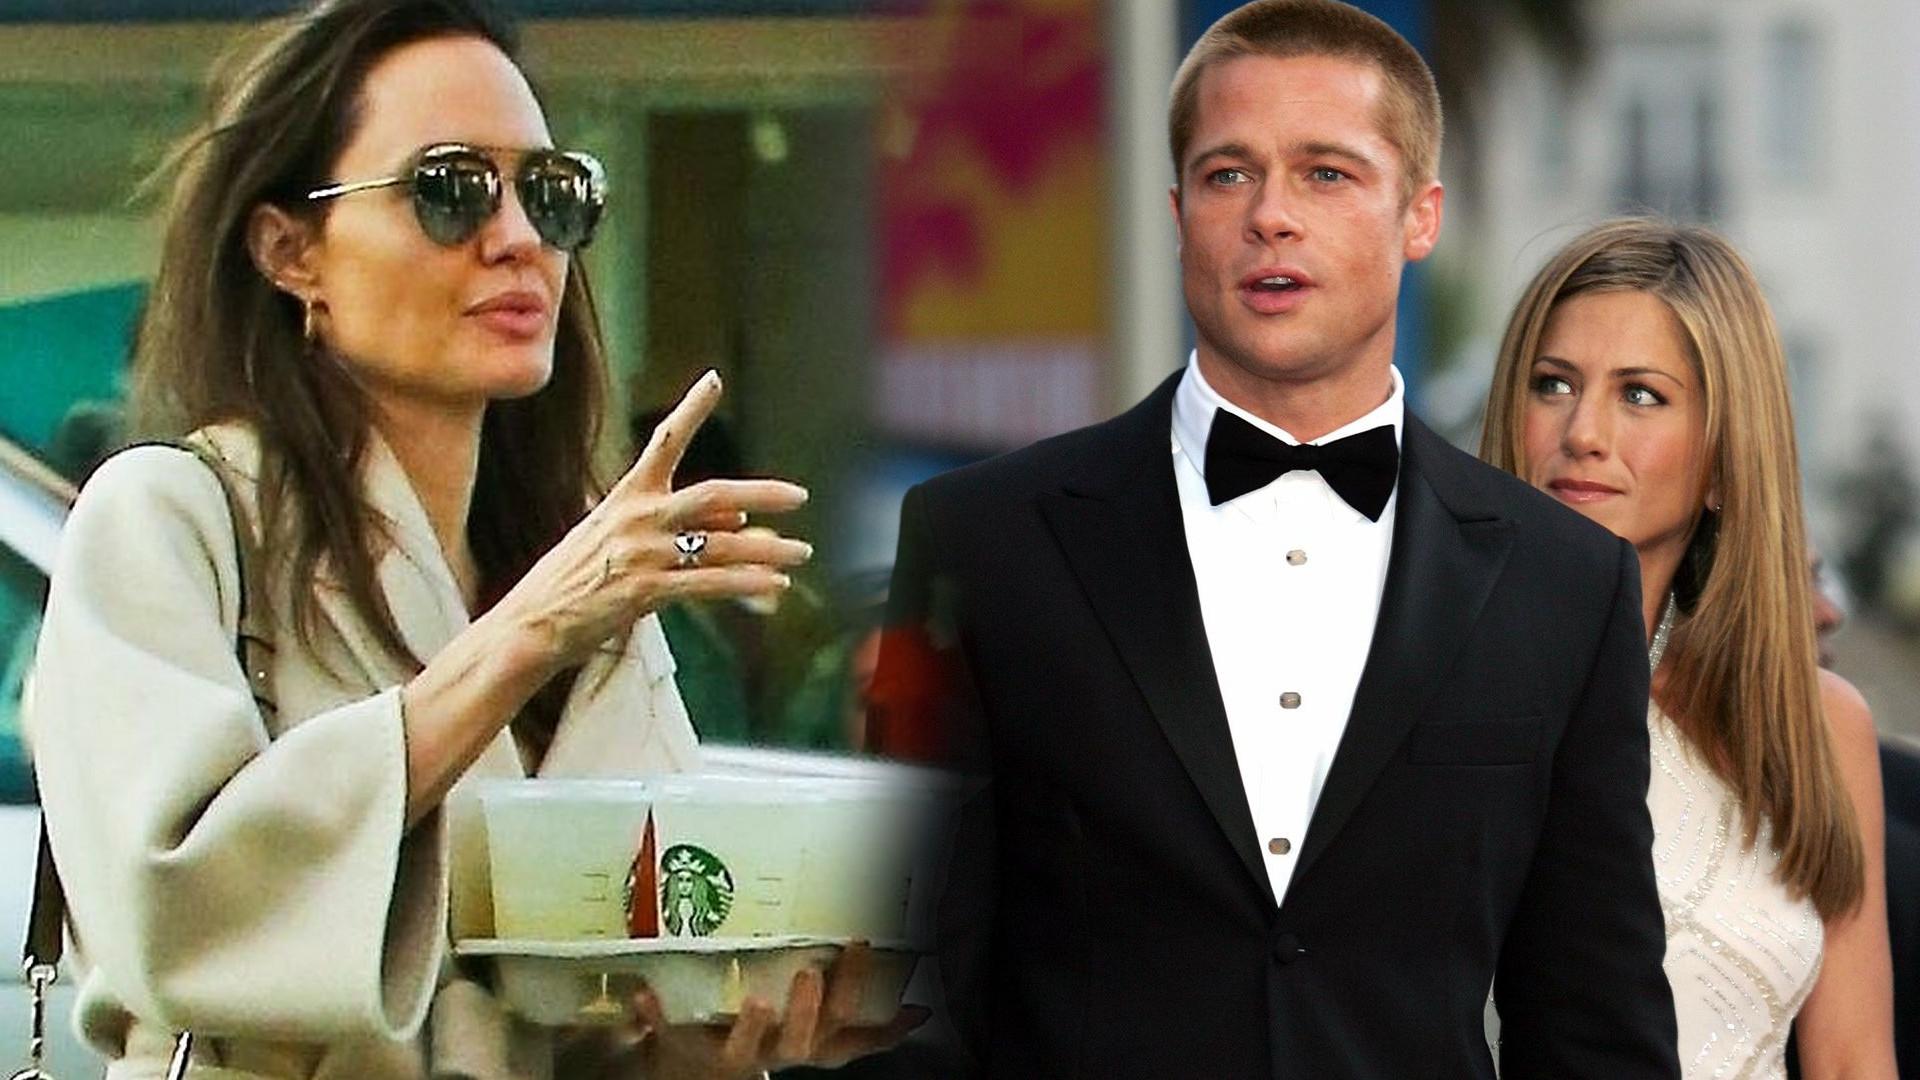 Angelina Jolie zrobiła PIERWSZY KROK, żeby wrócić do Brada Pitta! Szokujące informacje to HIT dnia